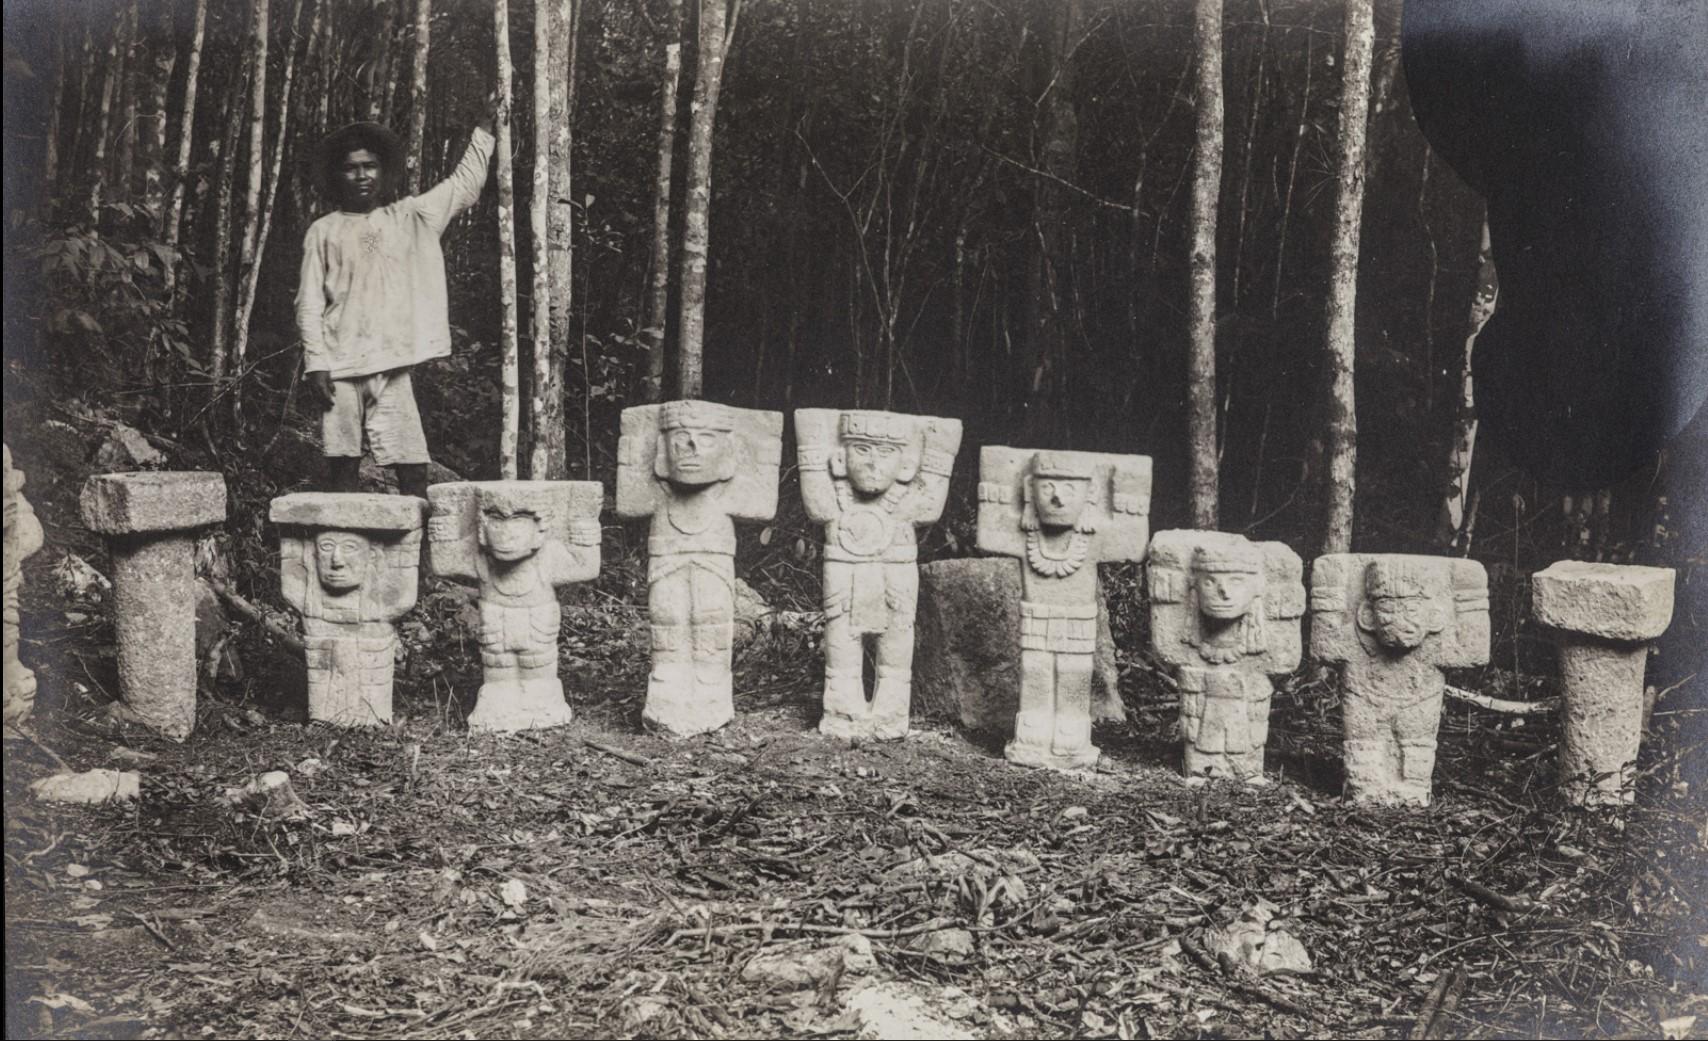 Чичен-Ица. Человек стоит за статуями атлантов (?)